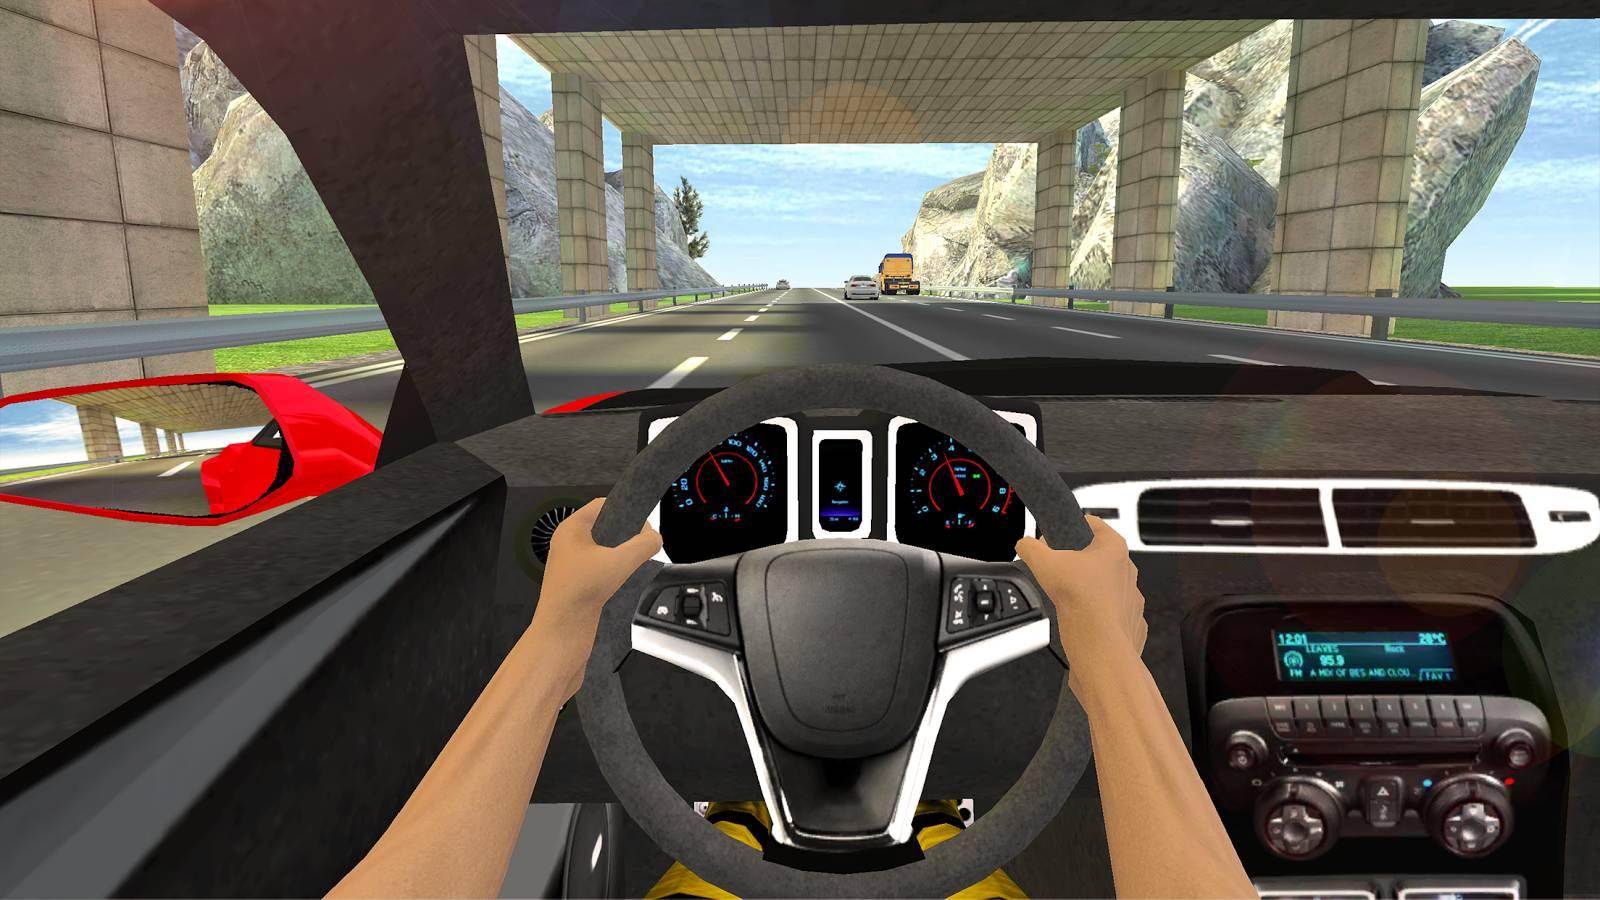 Racing In Car >> Racing In City 2 1 1 Para Hileli Mod Apk Indir Apk Dayi Android